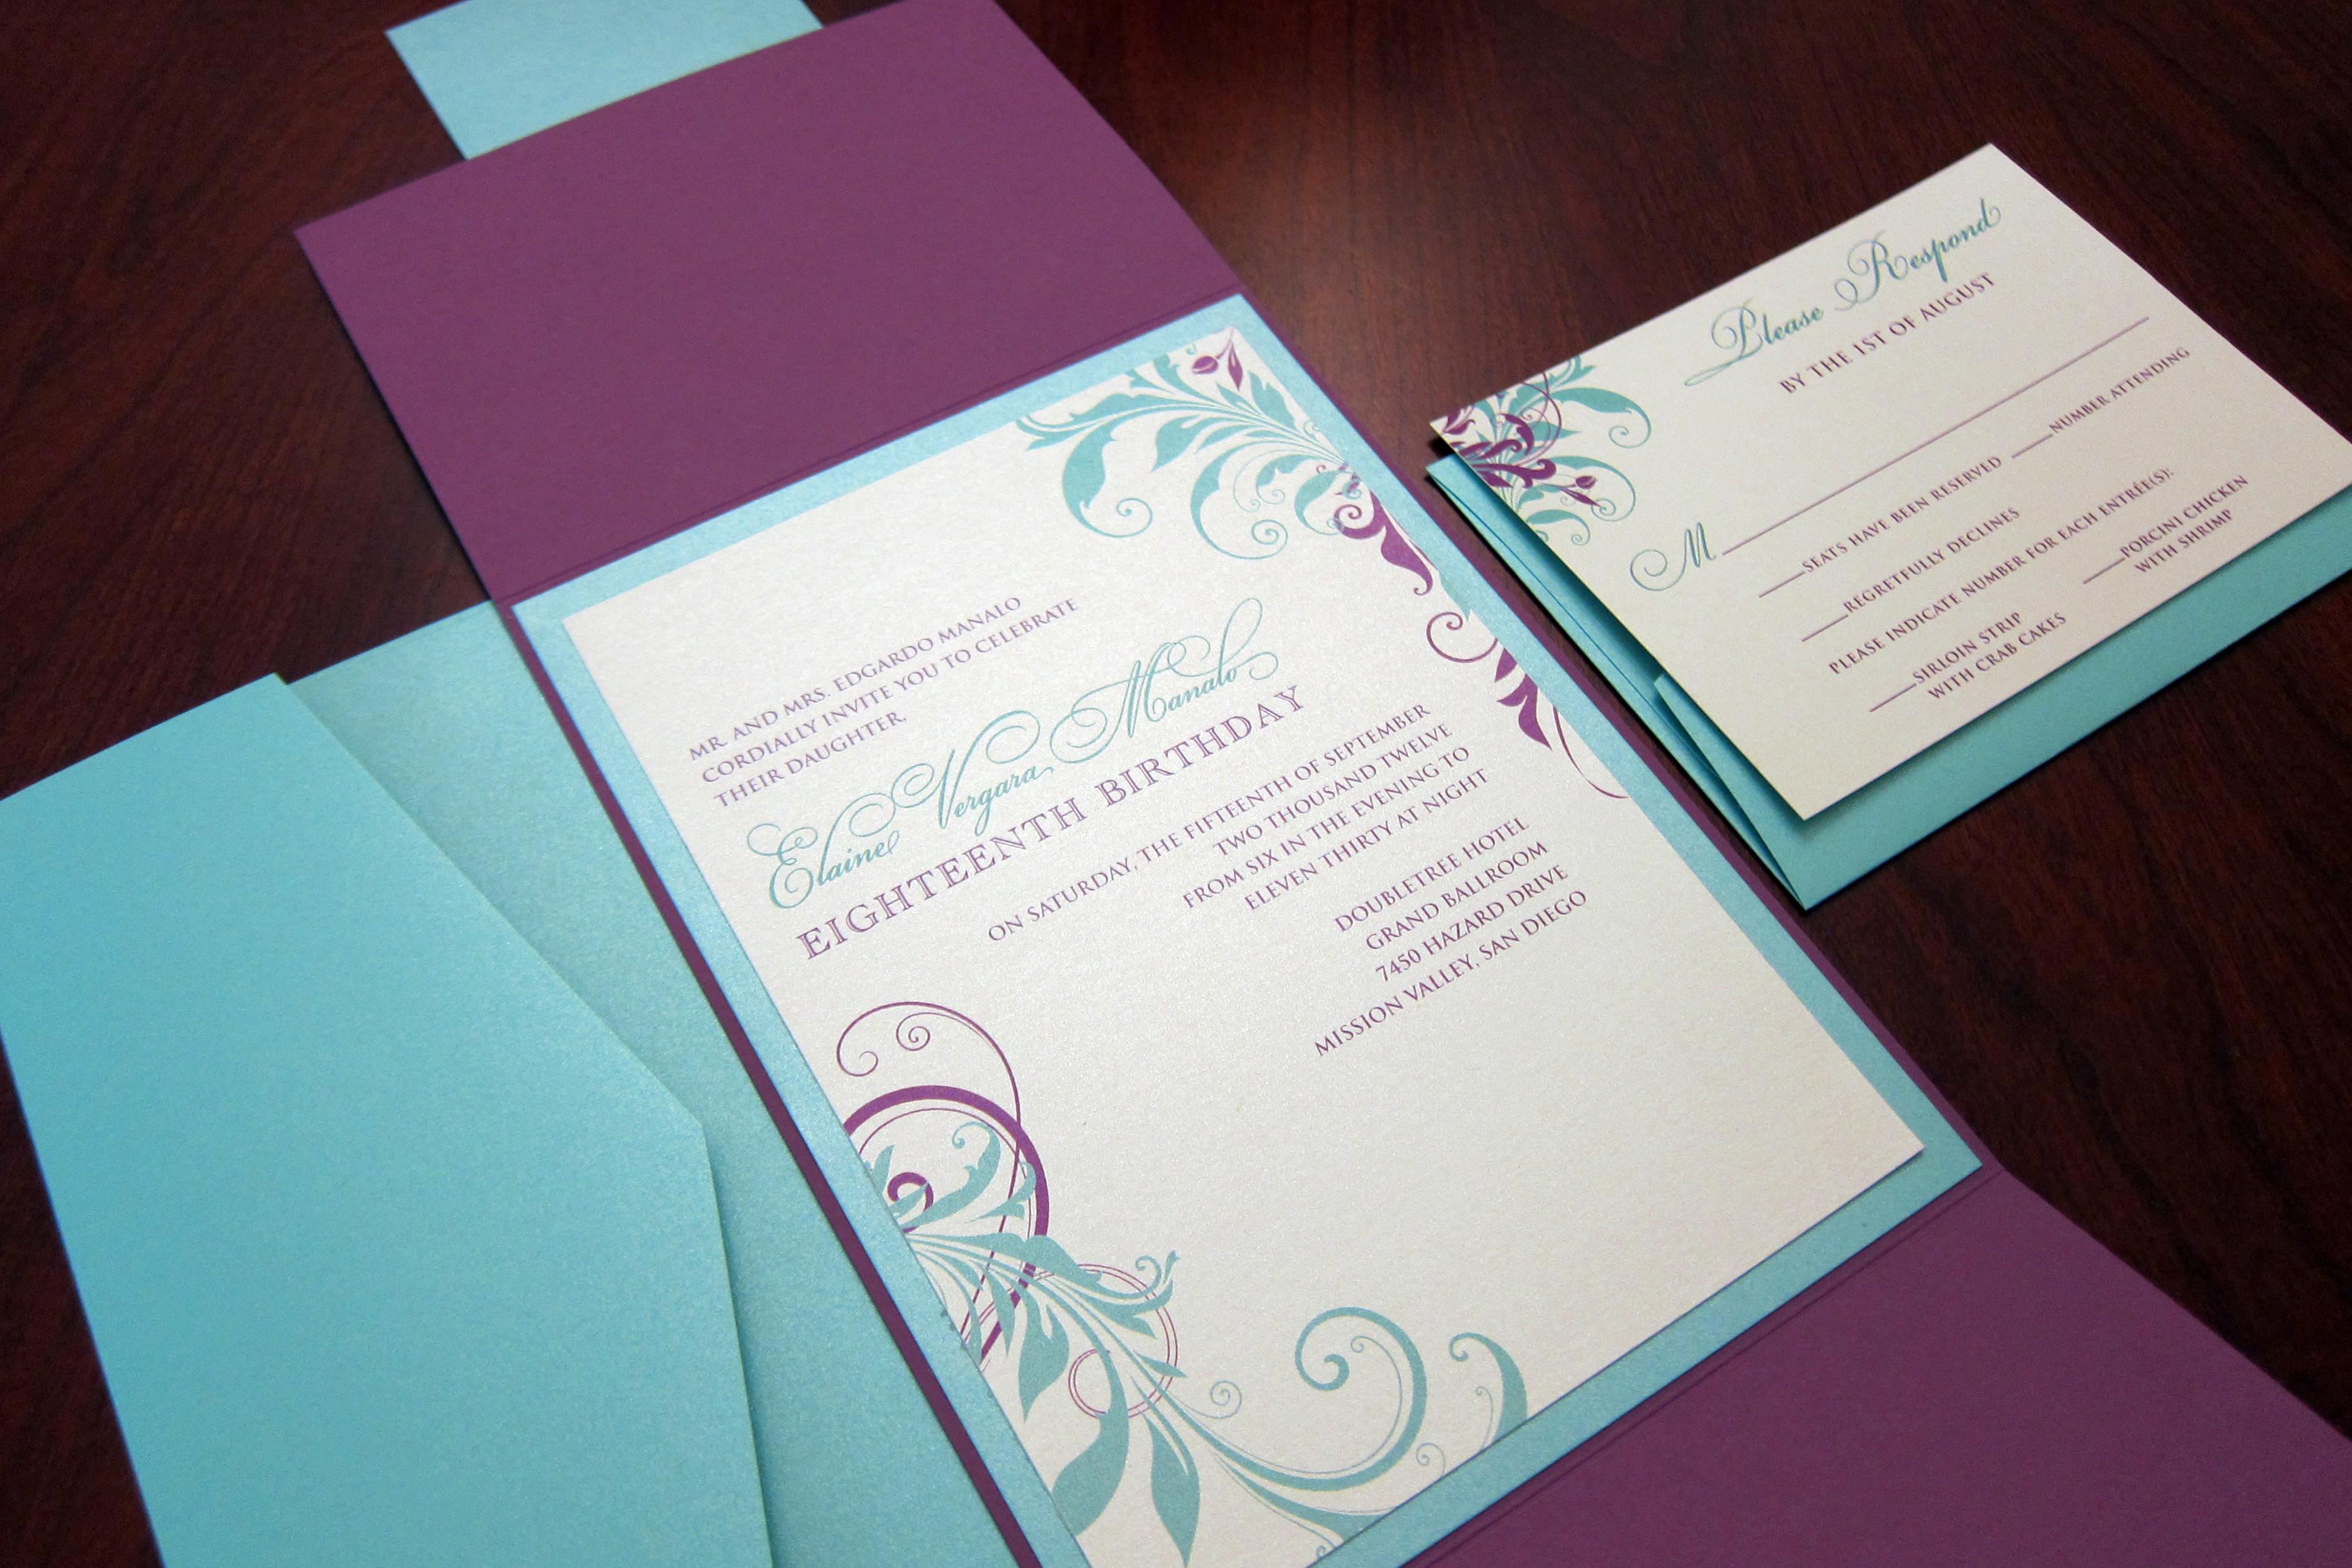 Quinceanera Masquerade Invitations as beautiful invitation example